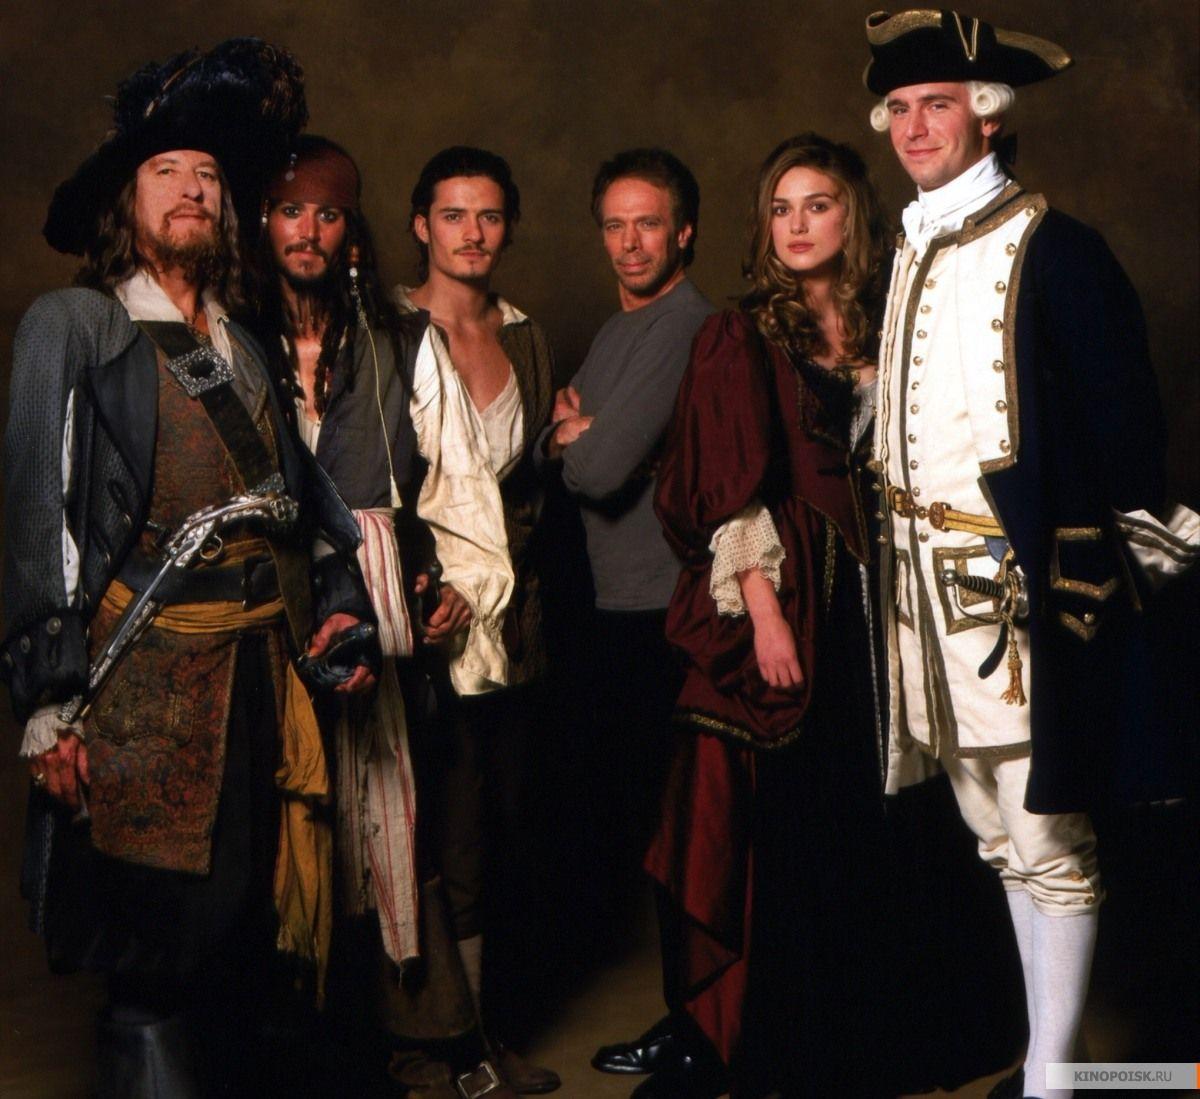 Foto Piraty Karibskogo Morya Proklyatie Chernoj Zhemchuzhiny Piraty Piraty Karibskogo Morya Dzhonni Depp